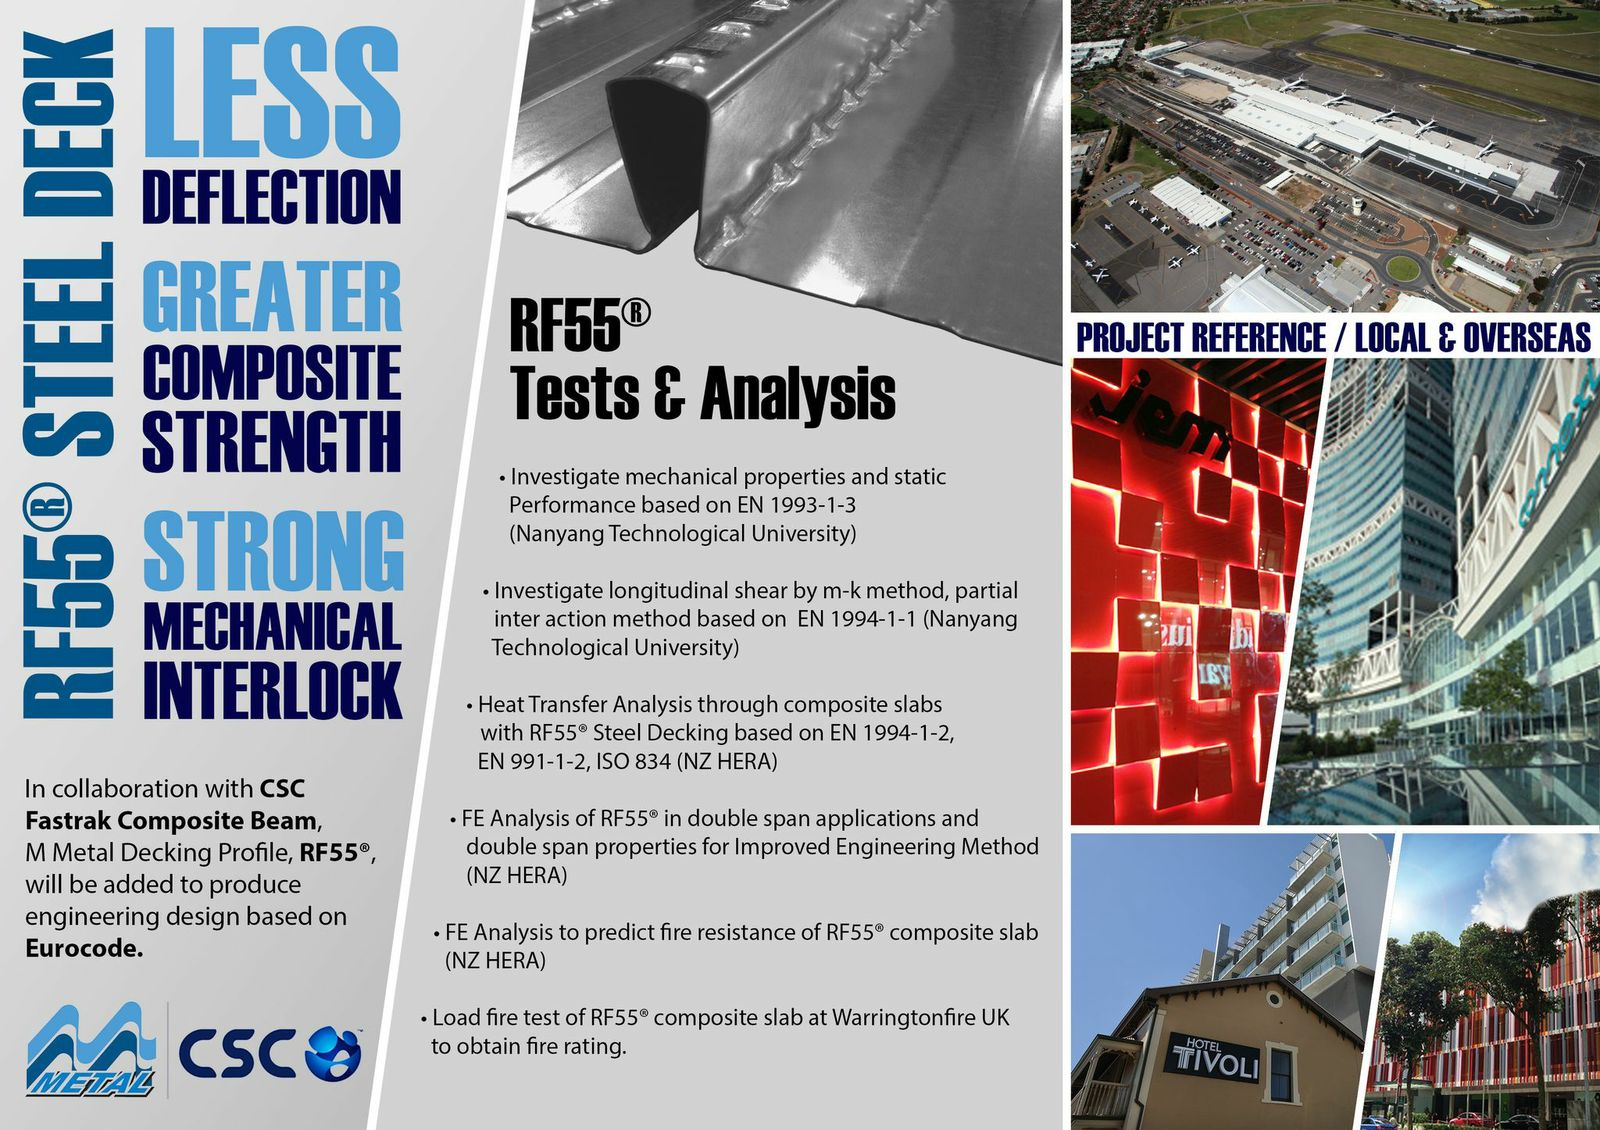 csc-fastrak-composite-beam